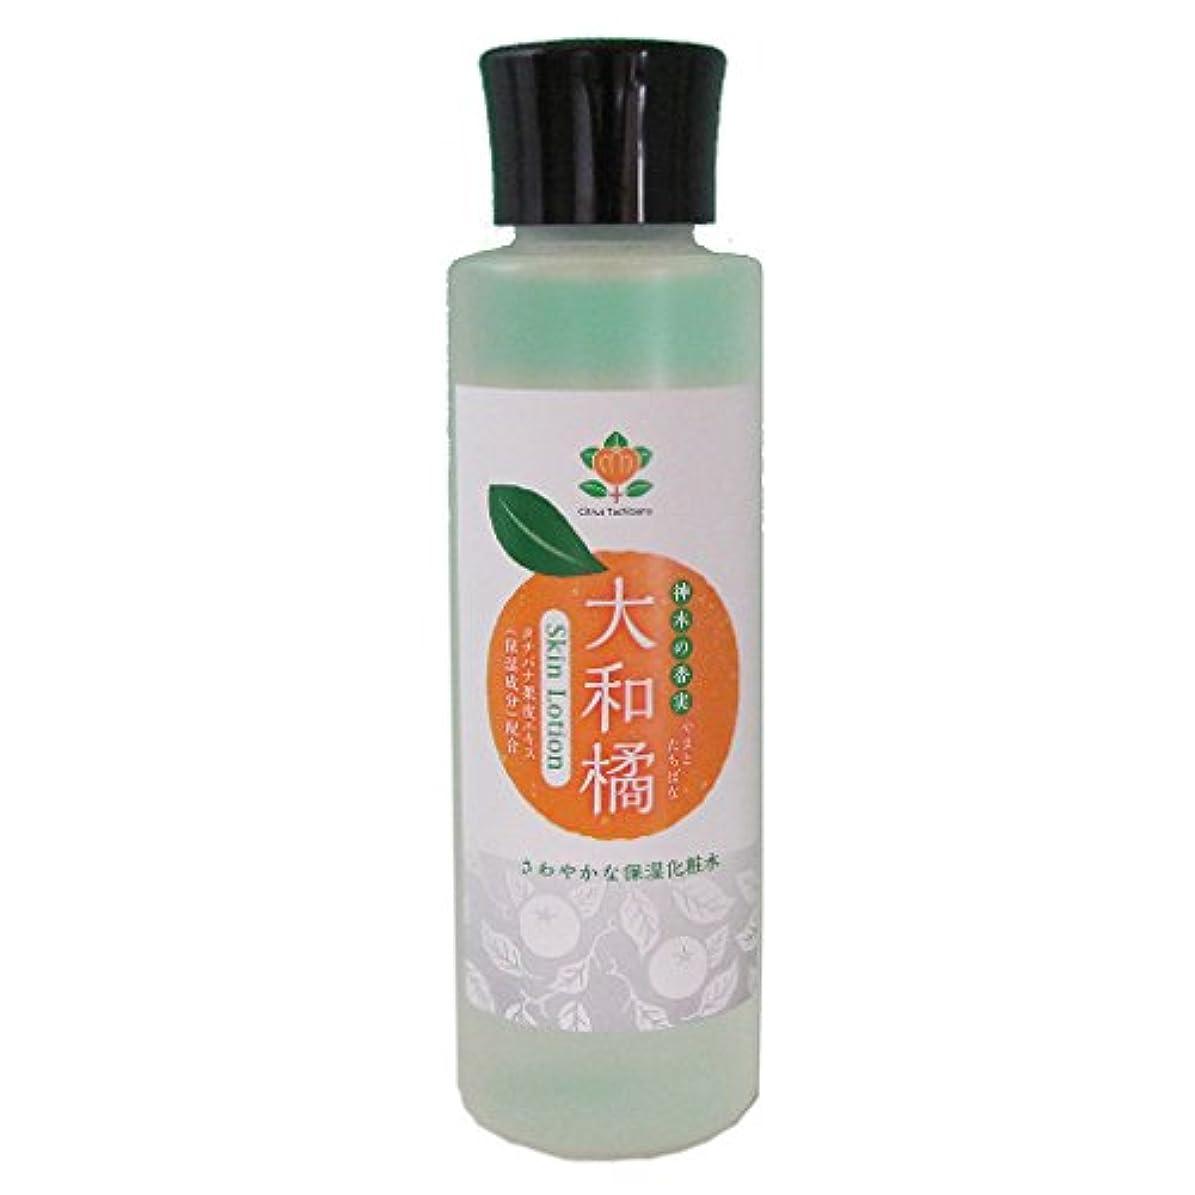 ラップトップメンタリティ裸神木の果実 大和橘さわやか保湿化粧水 150ml